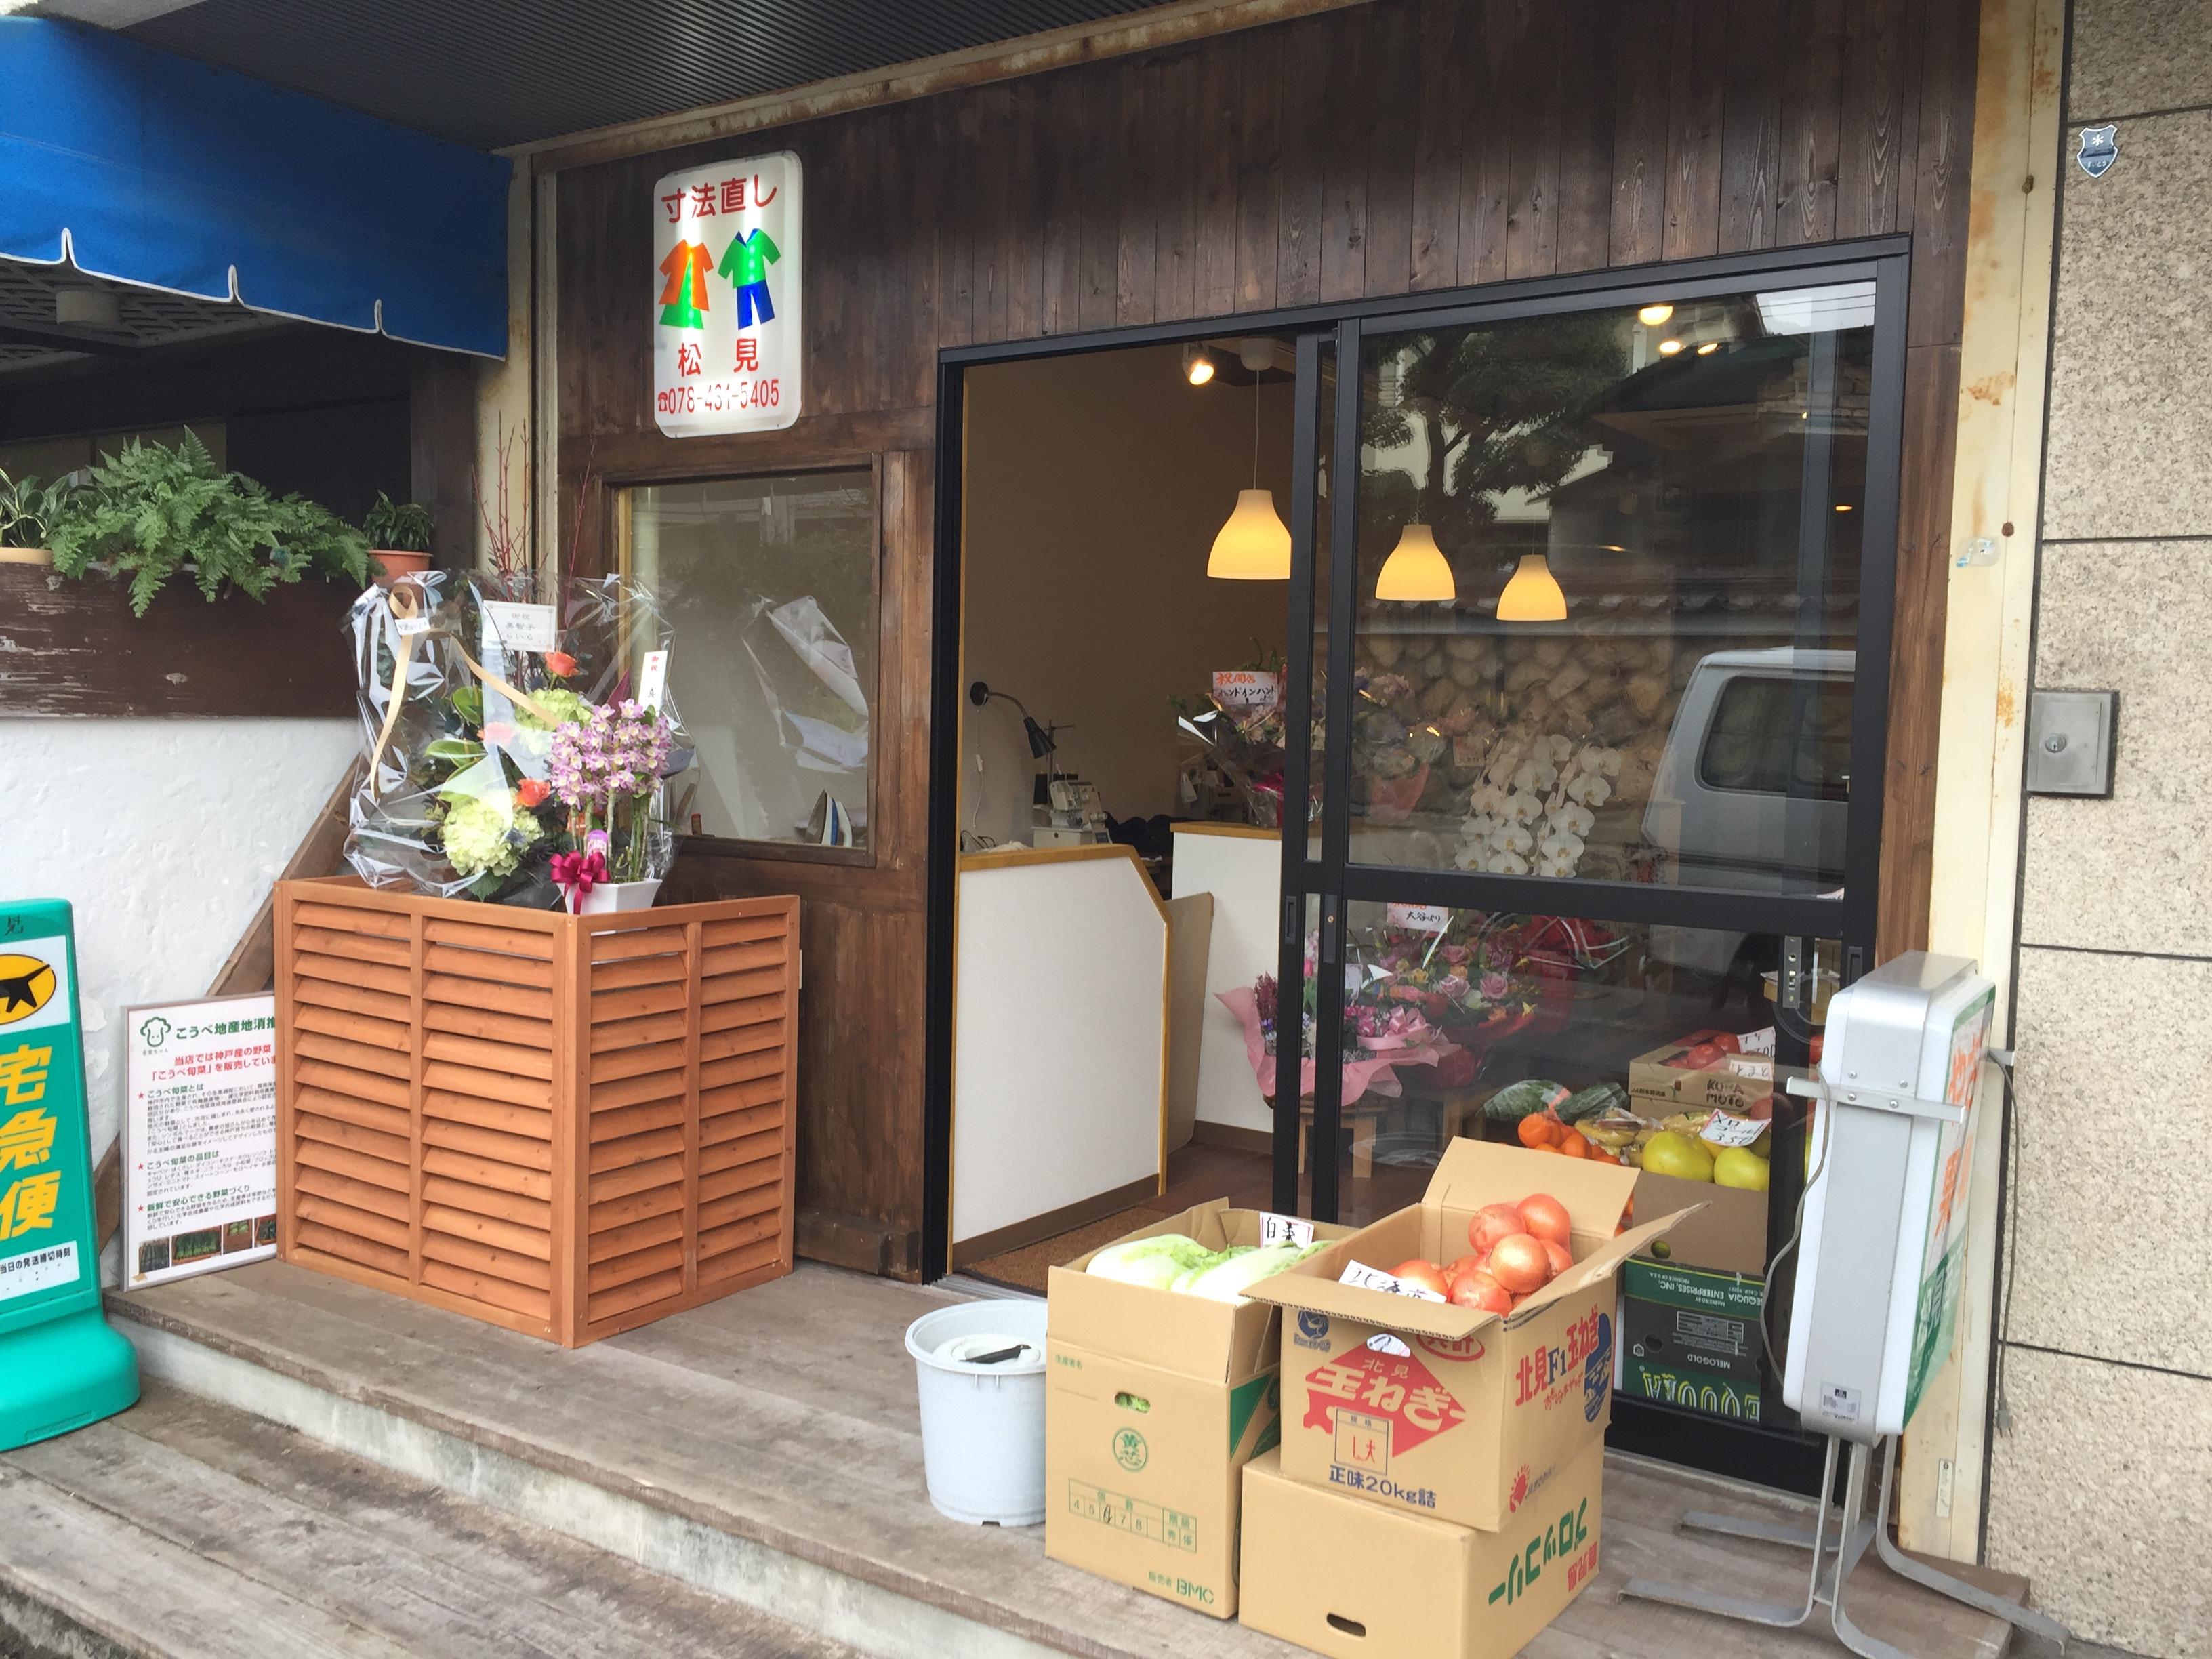 神戸・岡本のJAZZカフェ跡に寸法直しと野菜&果物を販売する「松見商店」がオープンしたよ!【※開店のお知らせ】